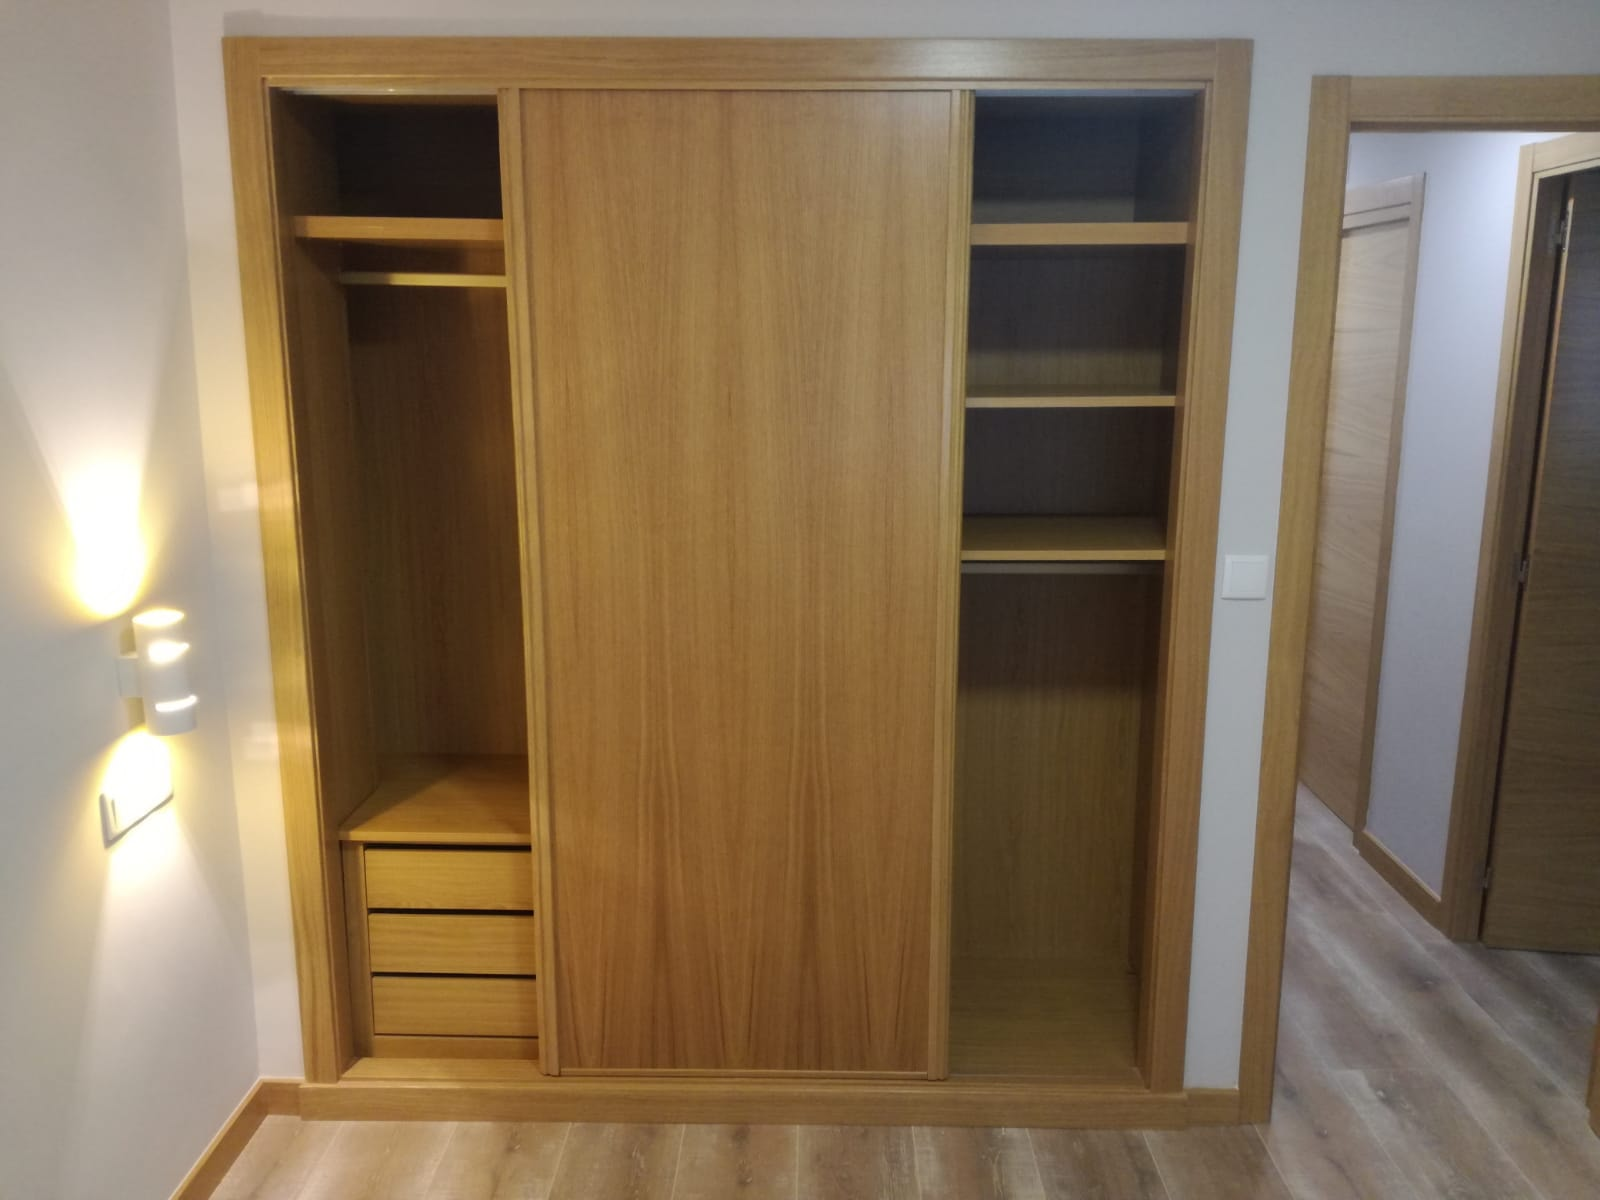 Carpintería de madera, Interiores